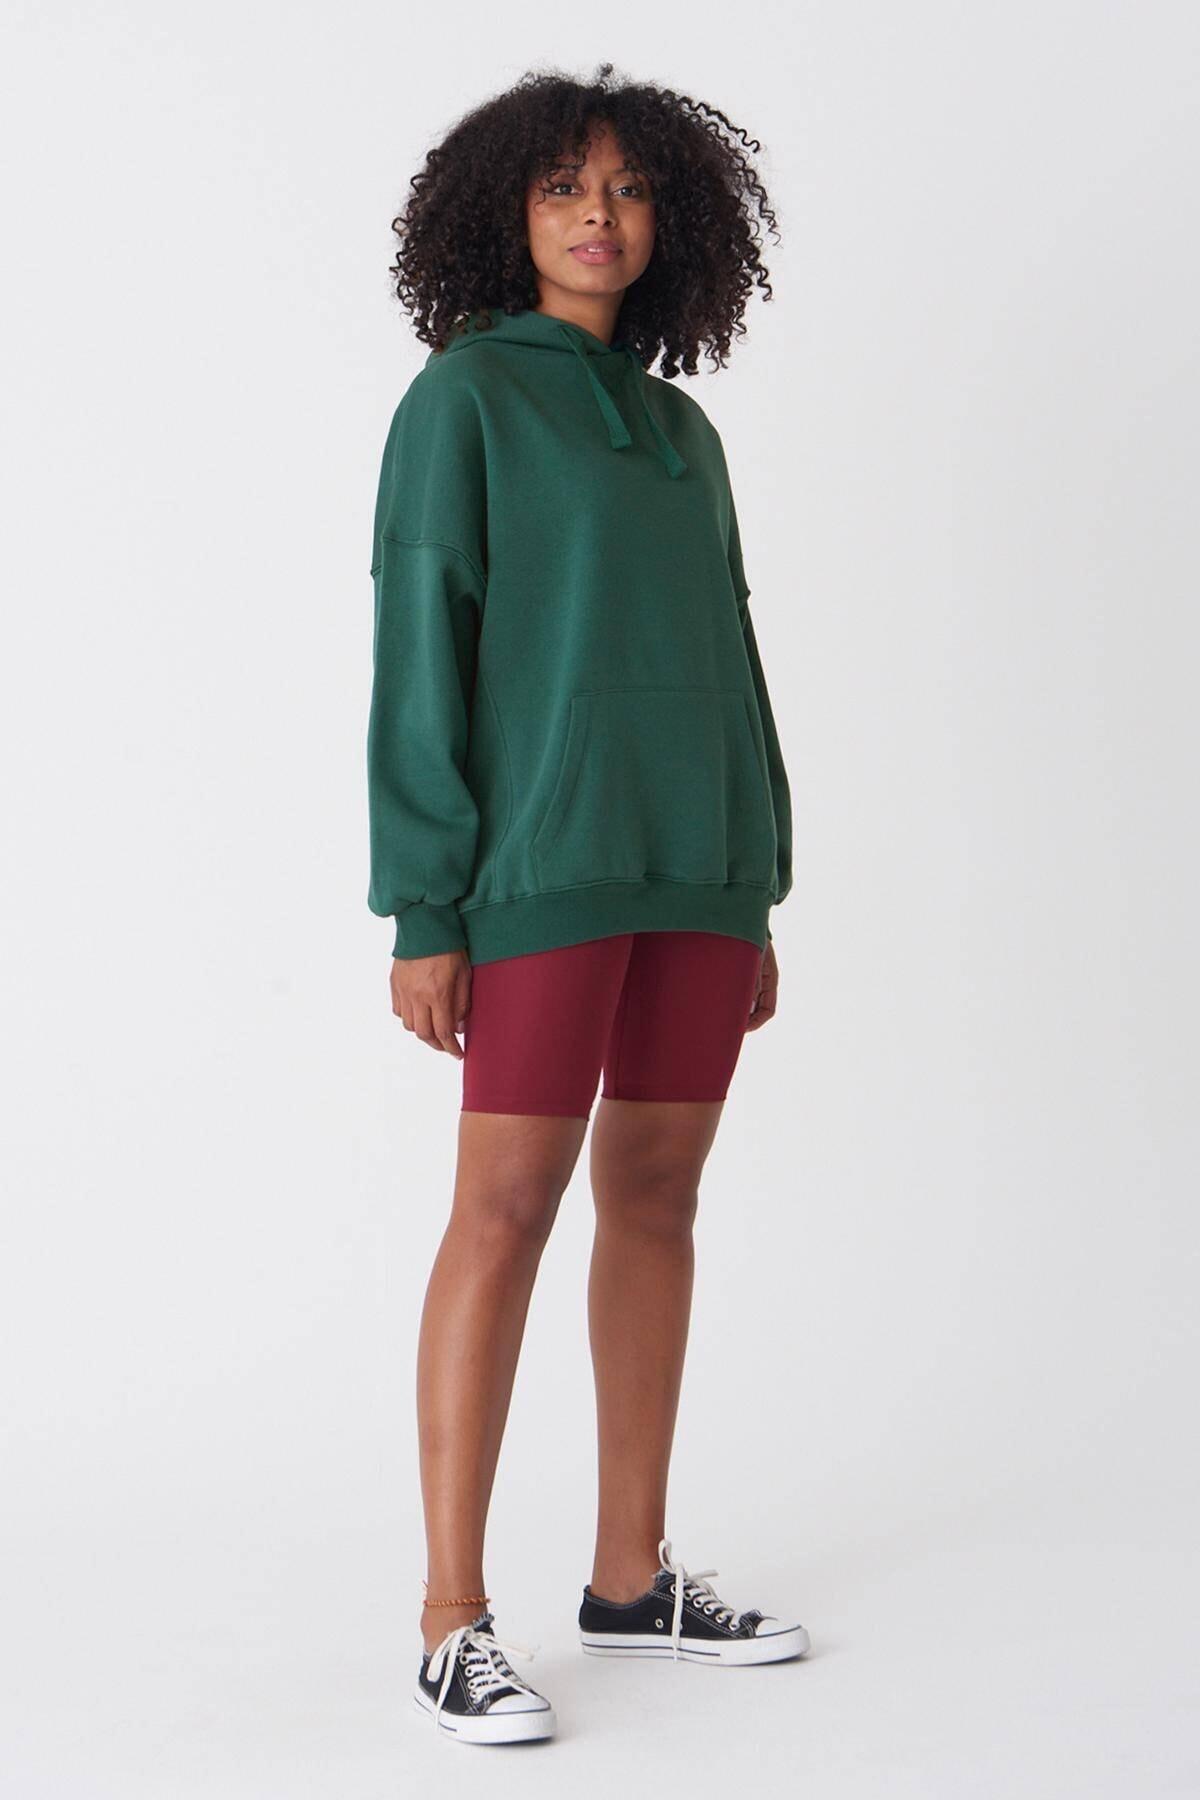 Addax Kadın Zümrüt Kapüşonlu Sweatshirt ADX-0000014040 2